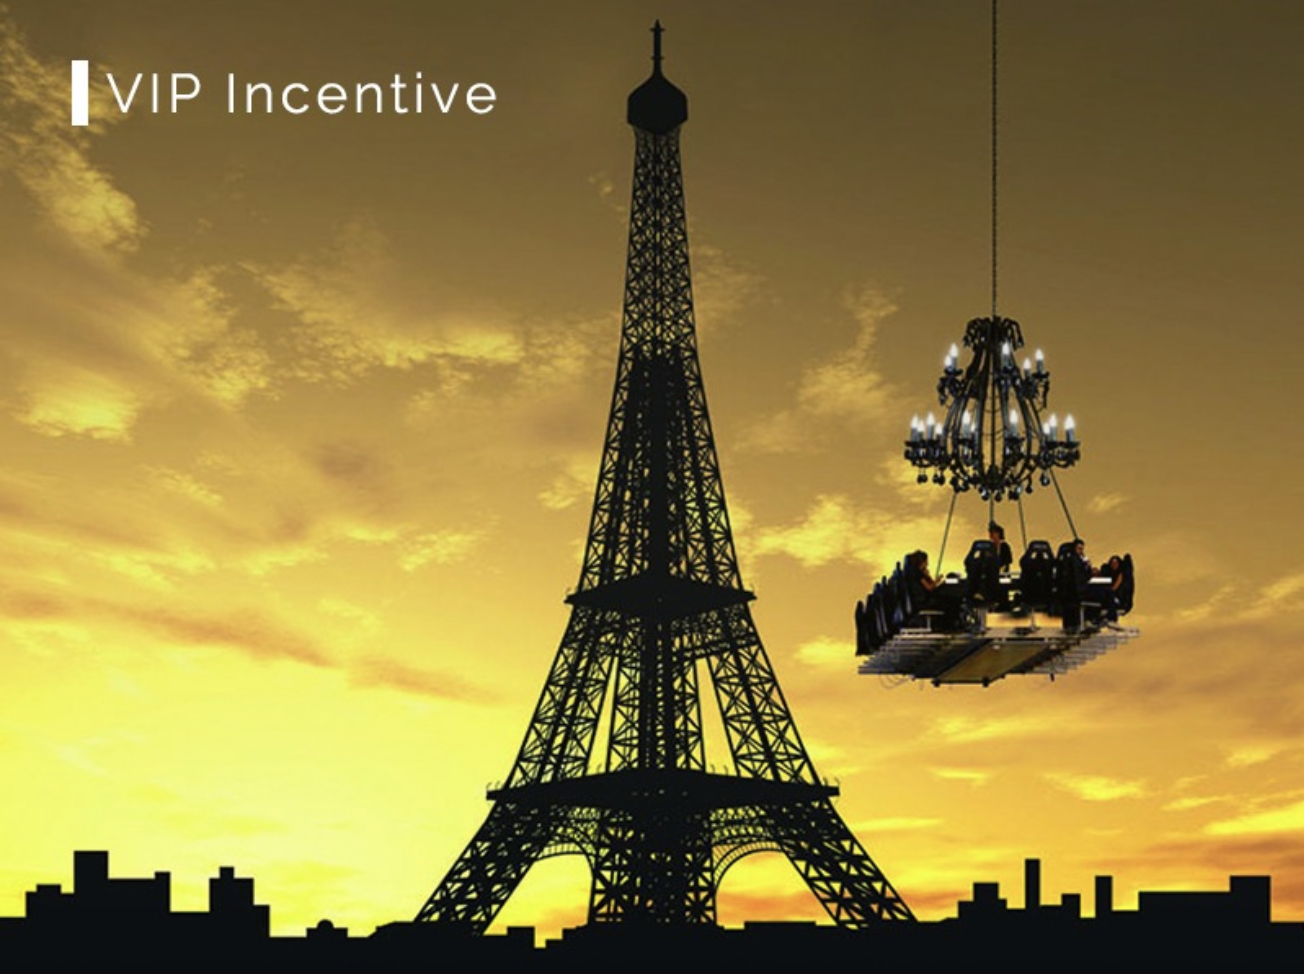 VIP Incentive